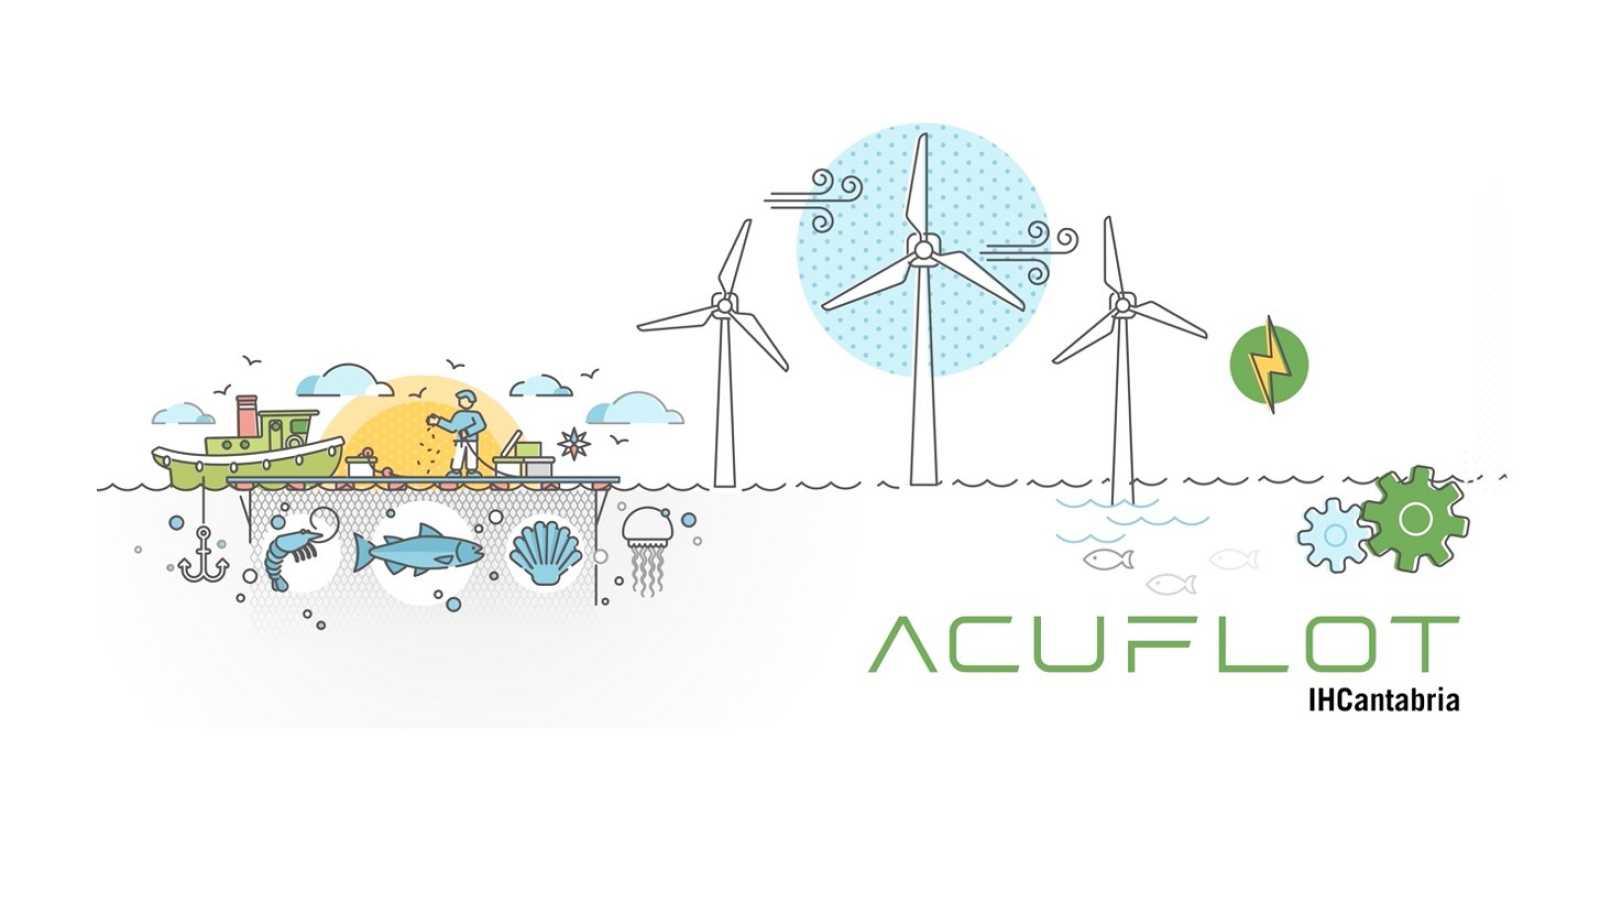 El Instituto cántabro ofrecerá datos para infraestructuras de eólica marina flotante y acuicultura offshore